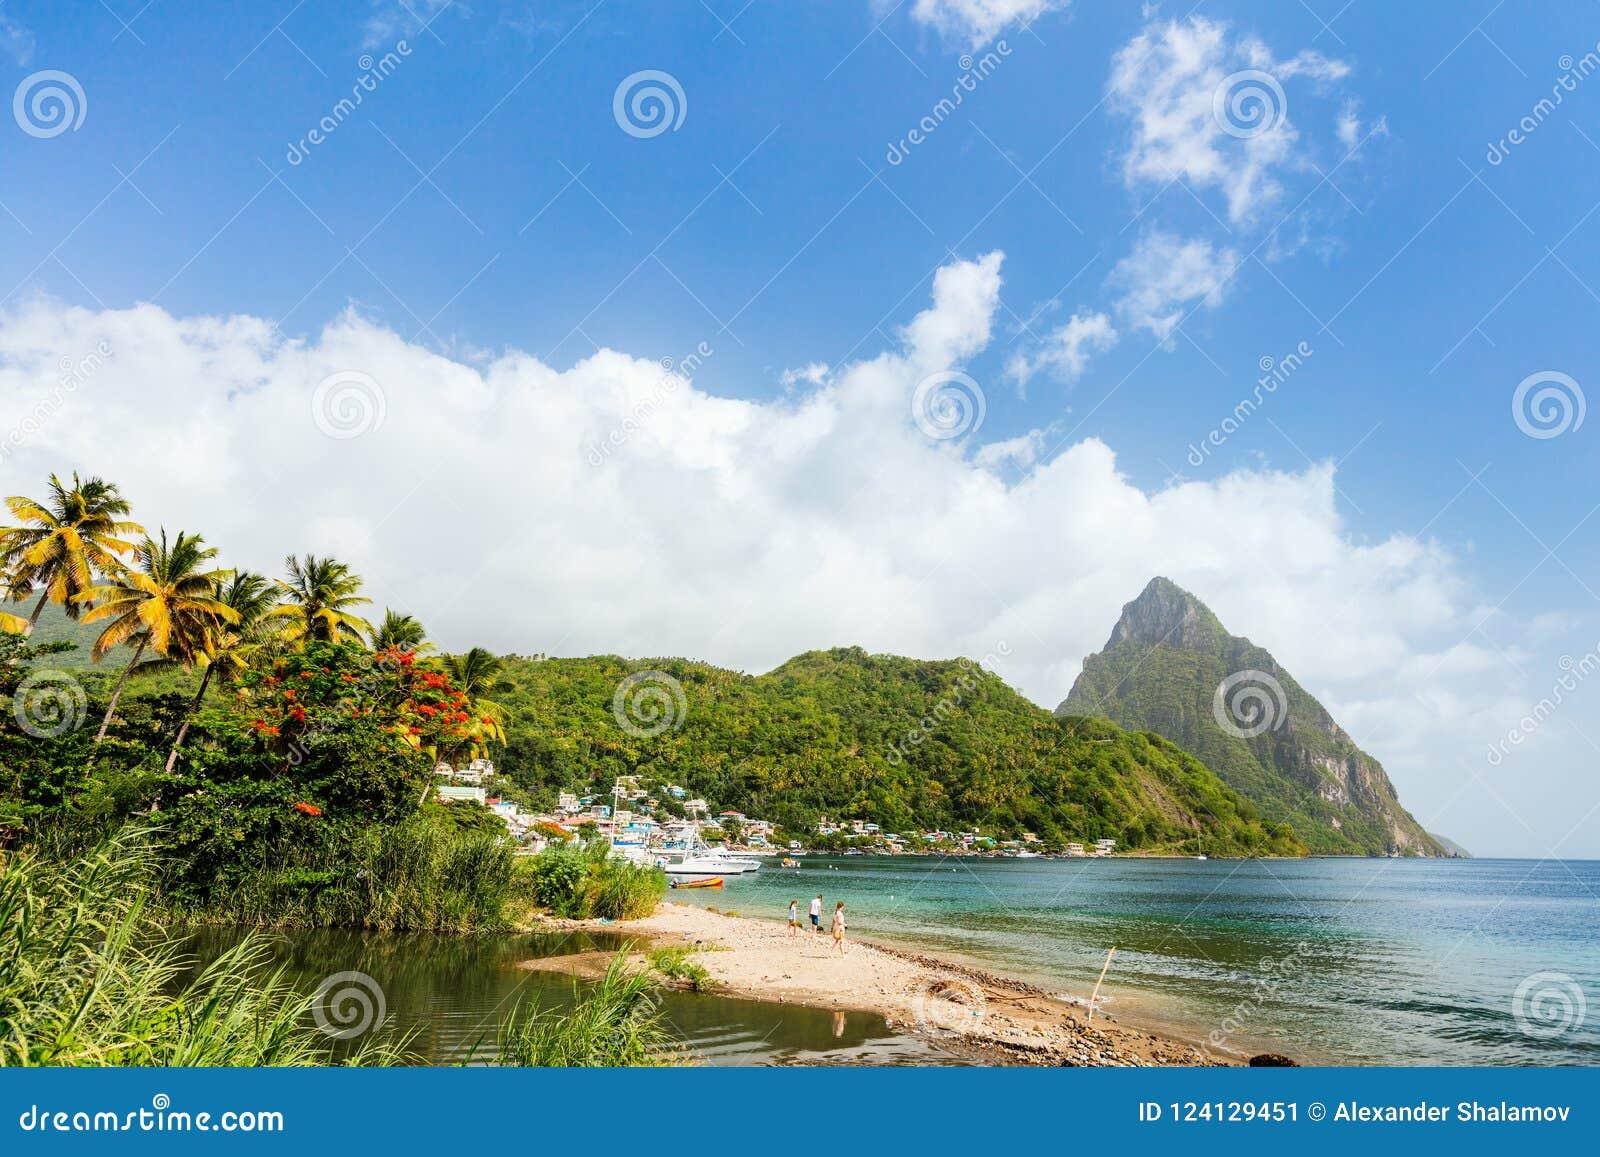 Plage idyllique chez les Caraïbe